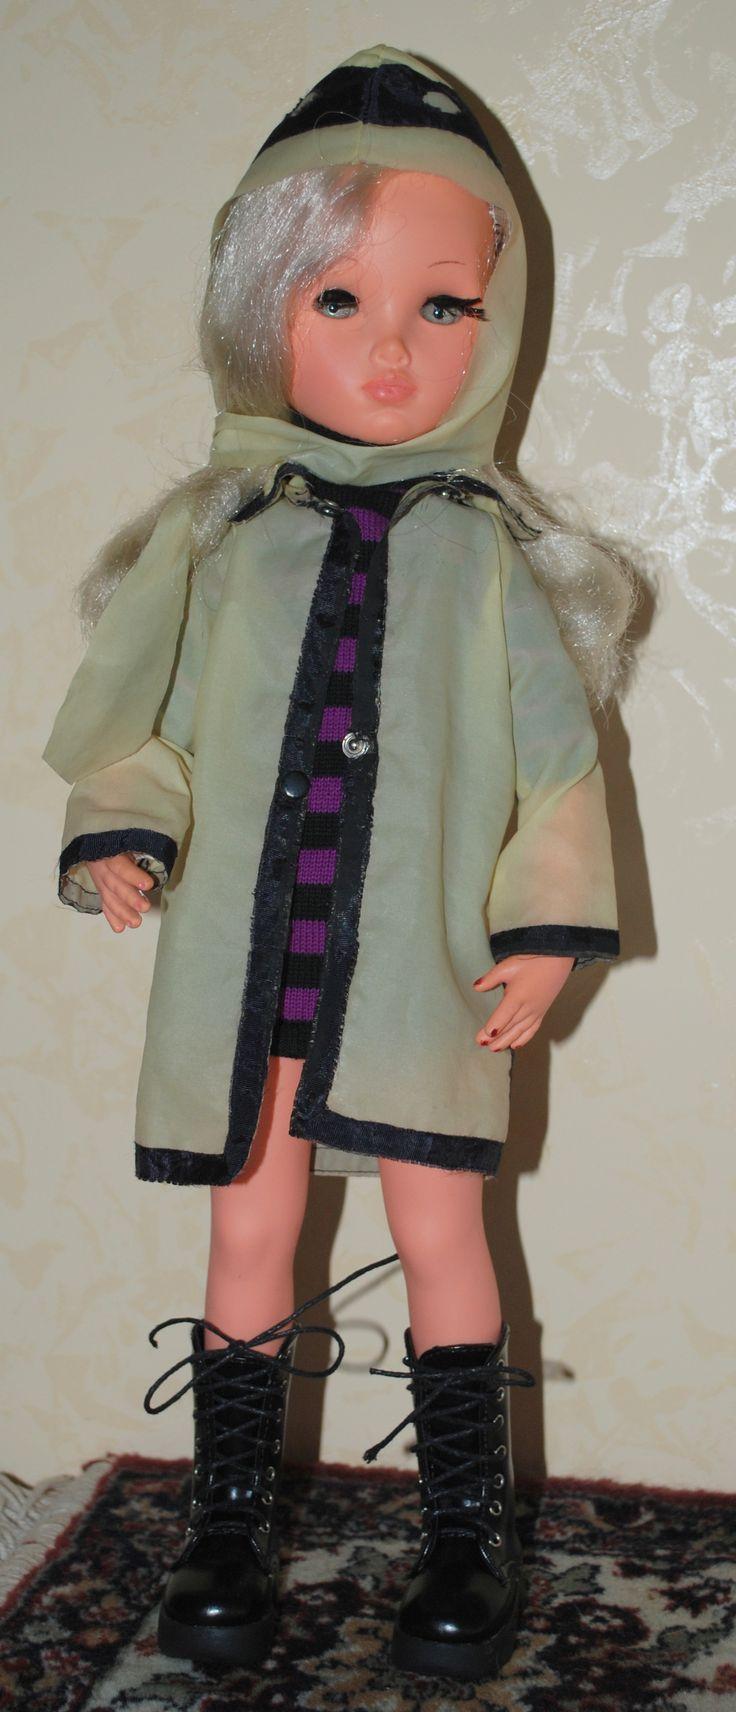 Sylvie indossa 'Sotto la pioggia' 1967 con miniabito a righe ed anfibi neri